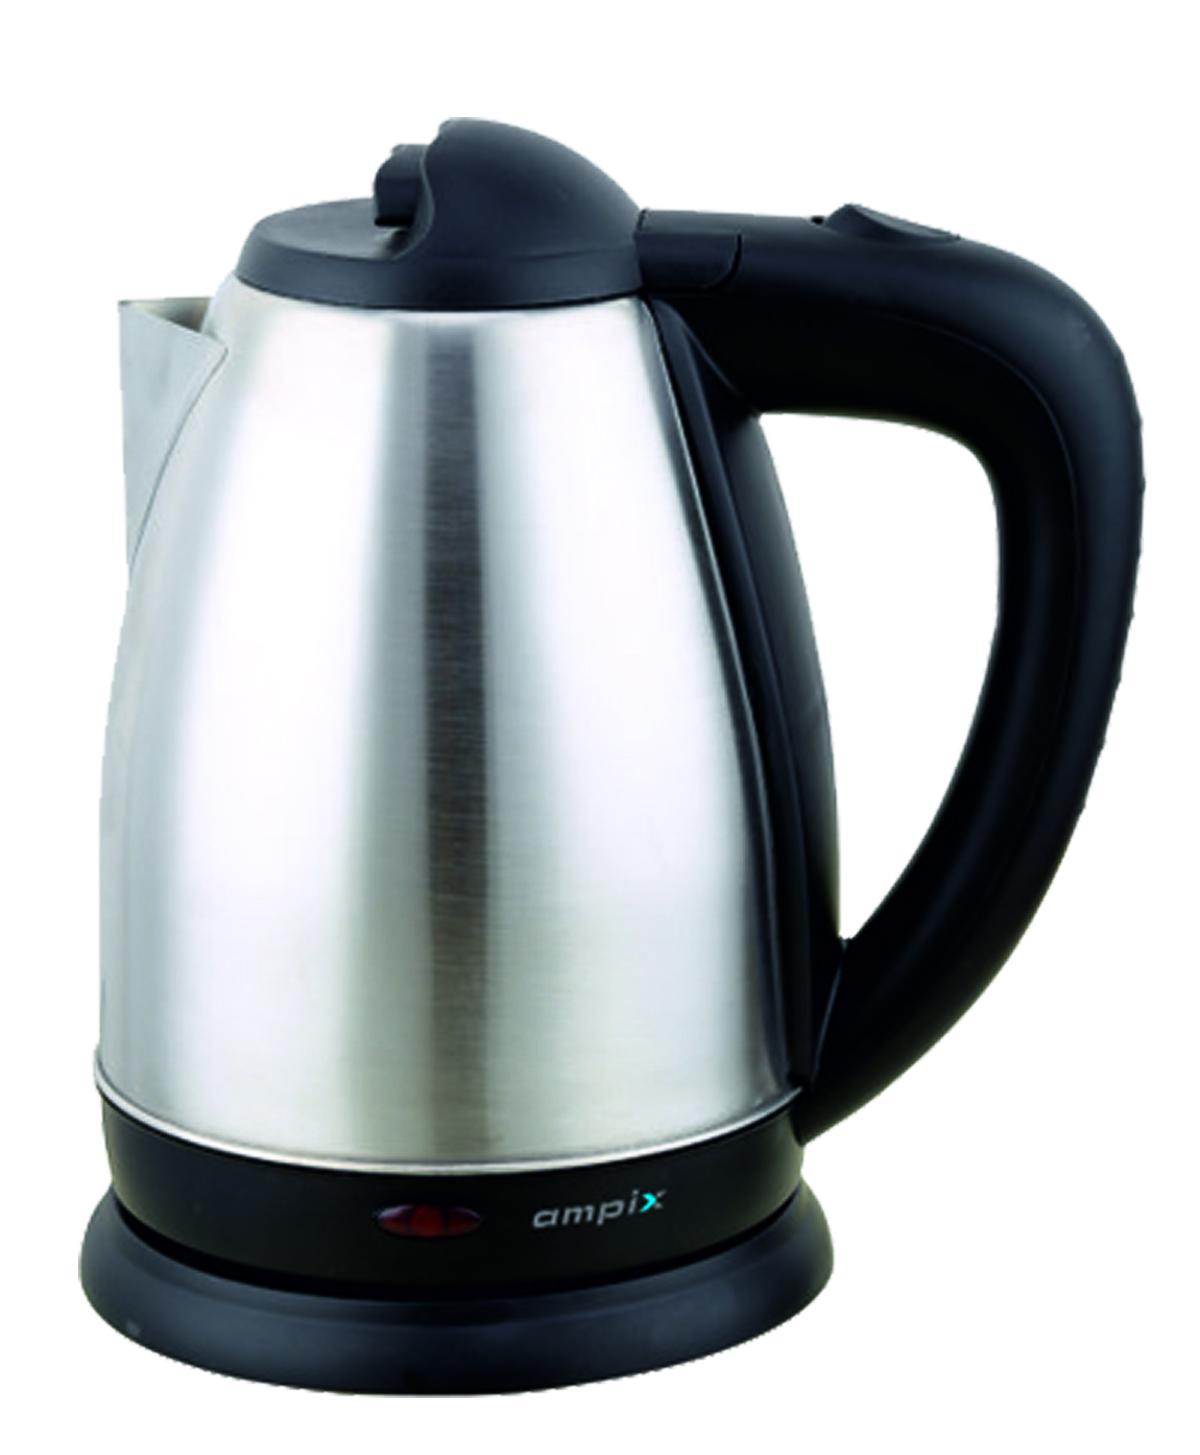 лучшая цена Ampix AMP-1321 чайник электрический